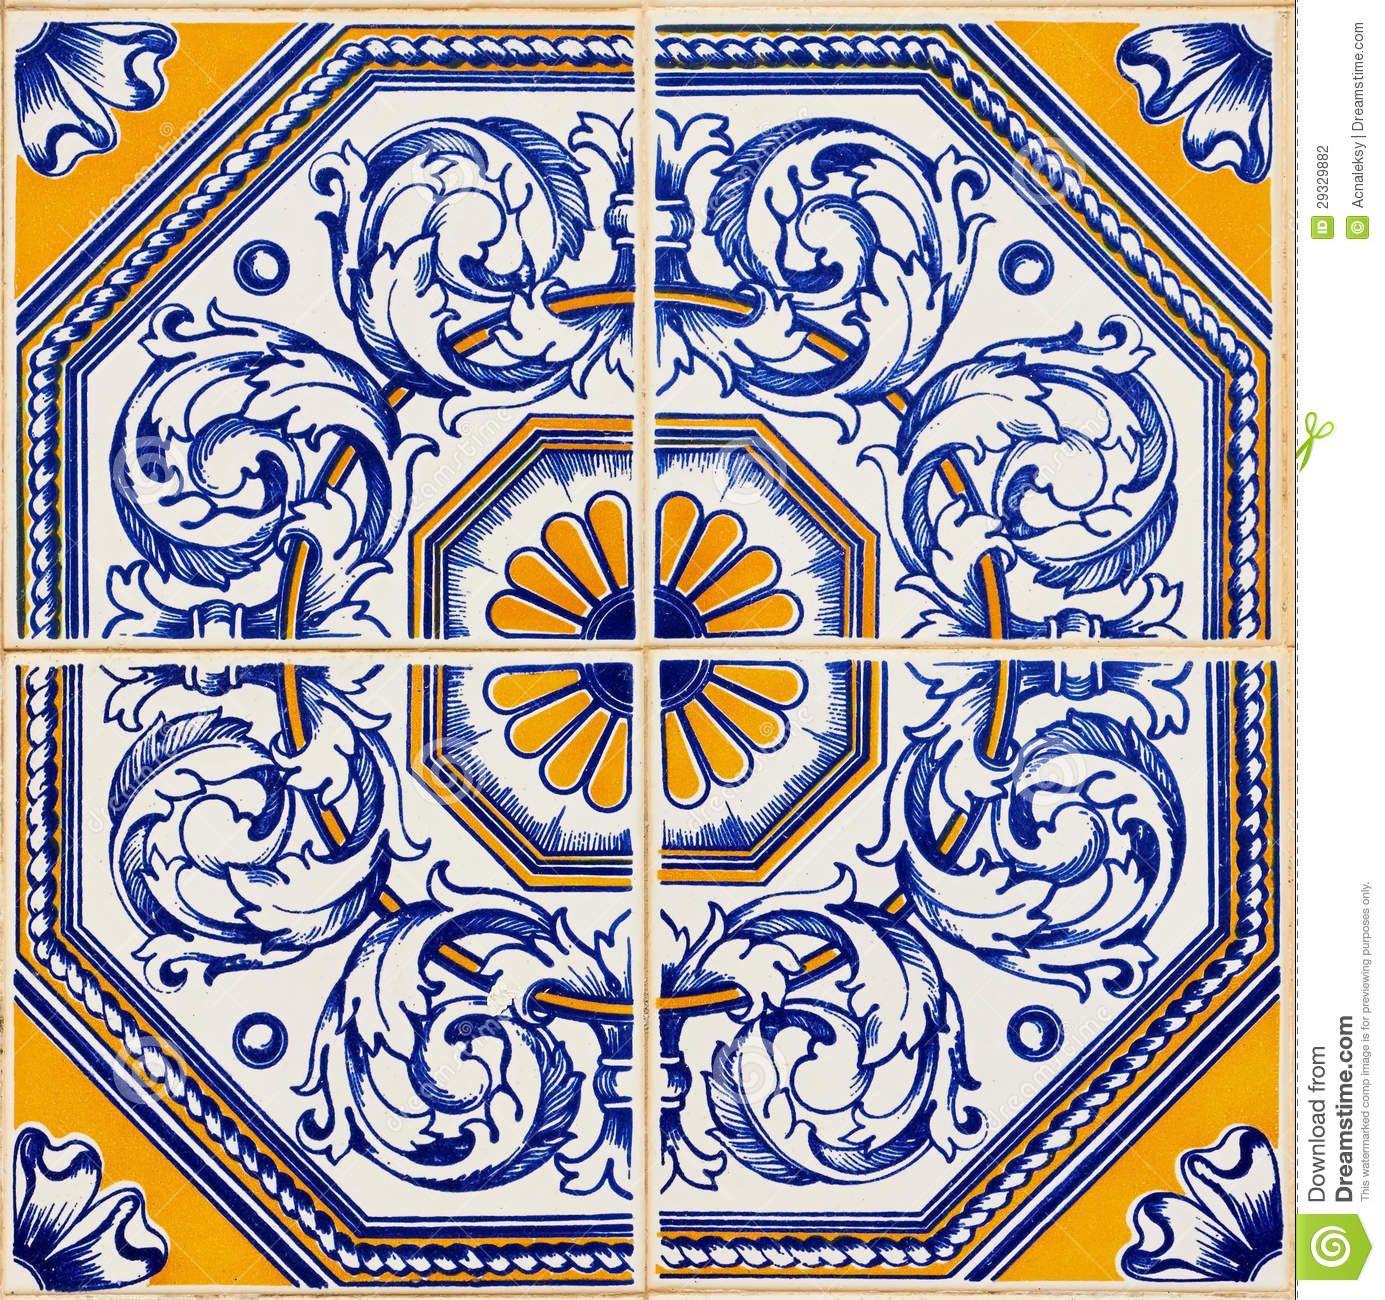 Azulejos portugueses tradicionais fotografia de stock for Azulejos de portugal